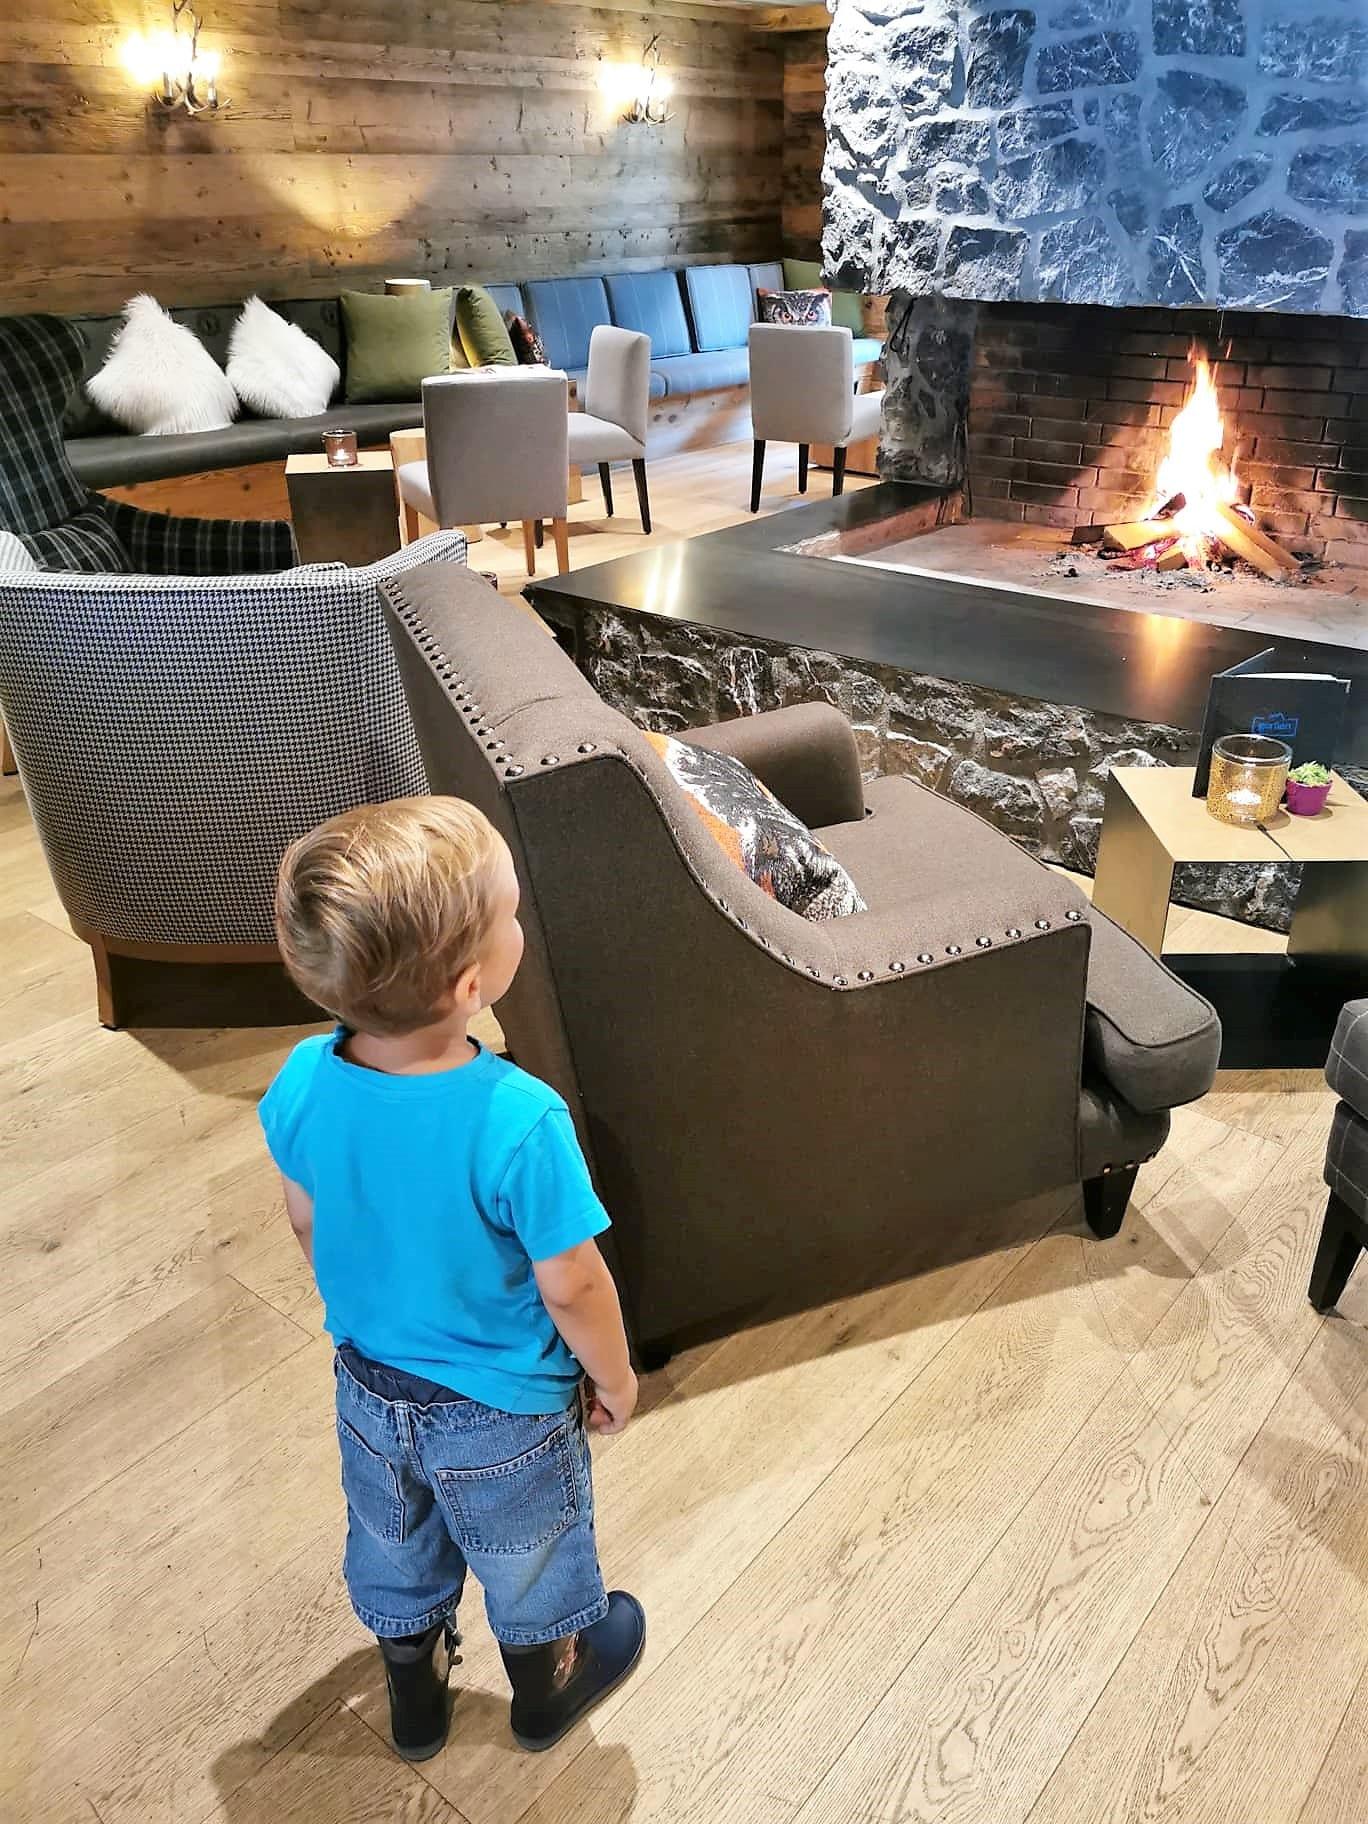 Kaminzimmer im Hotel Gorfion in Liechtenstein